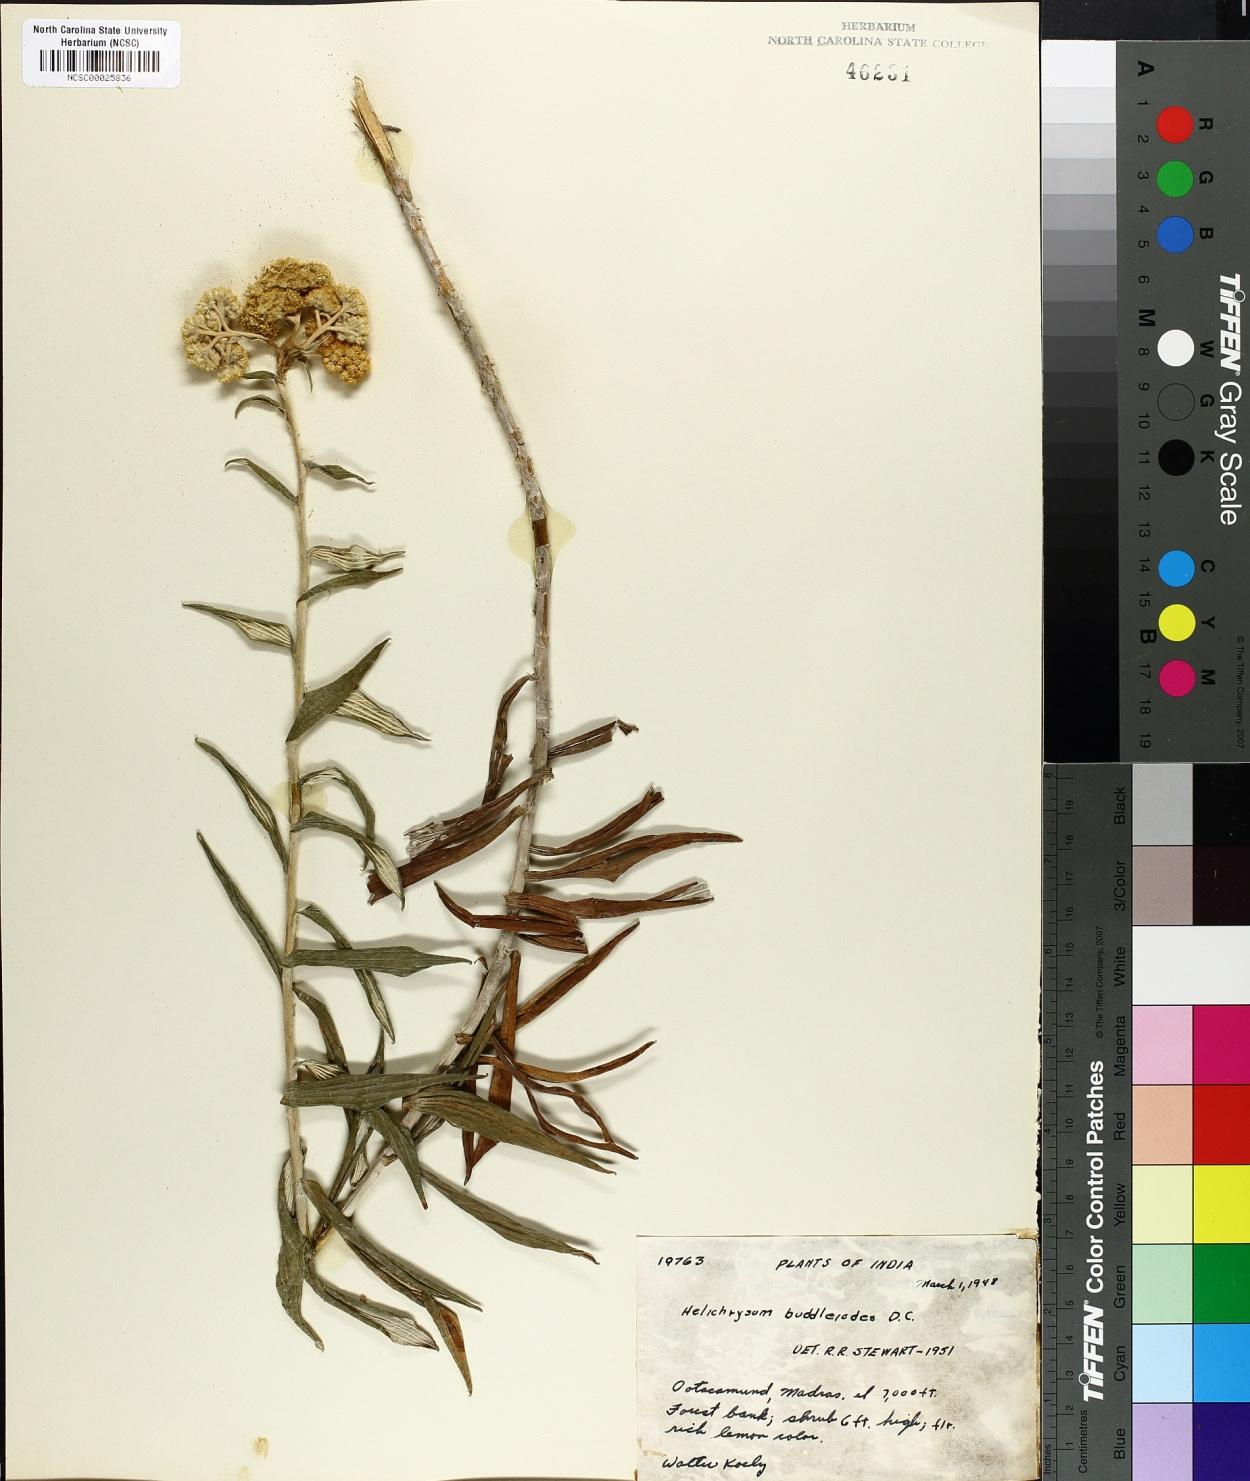 Helichrysum buddleioides image